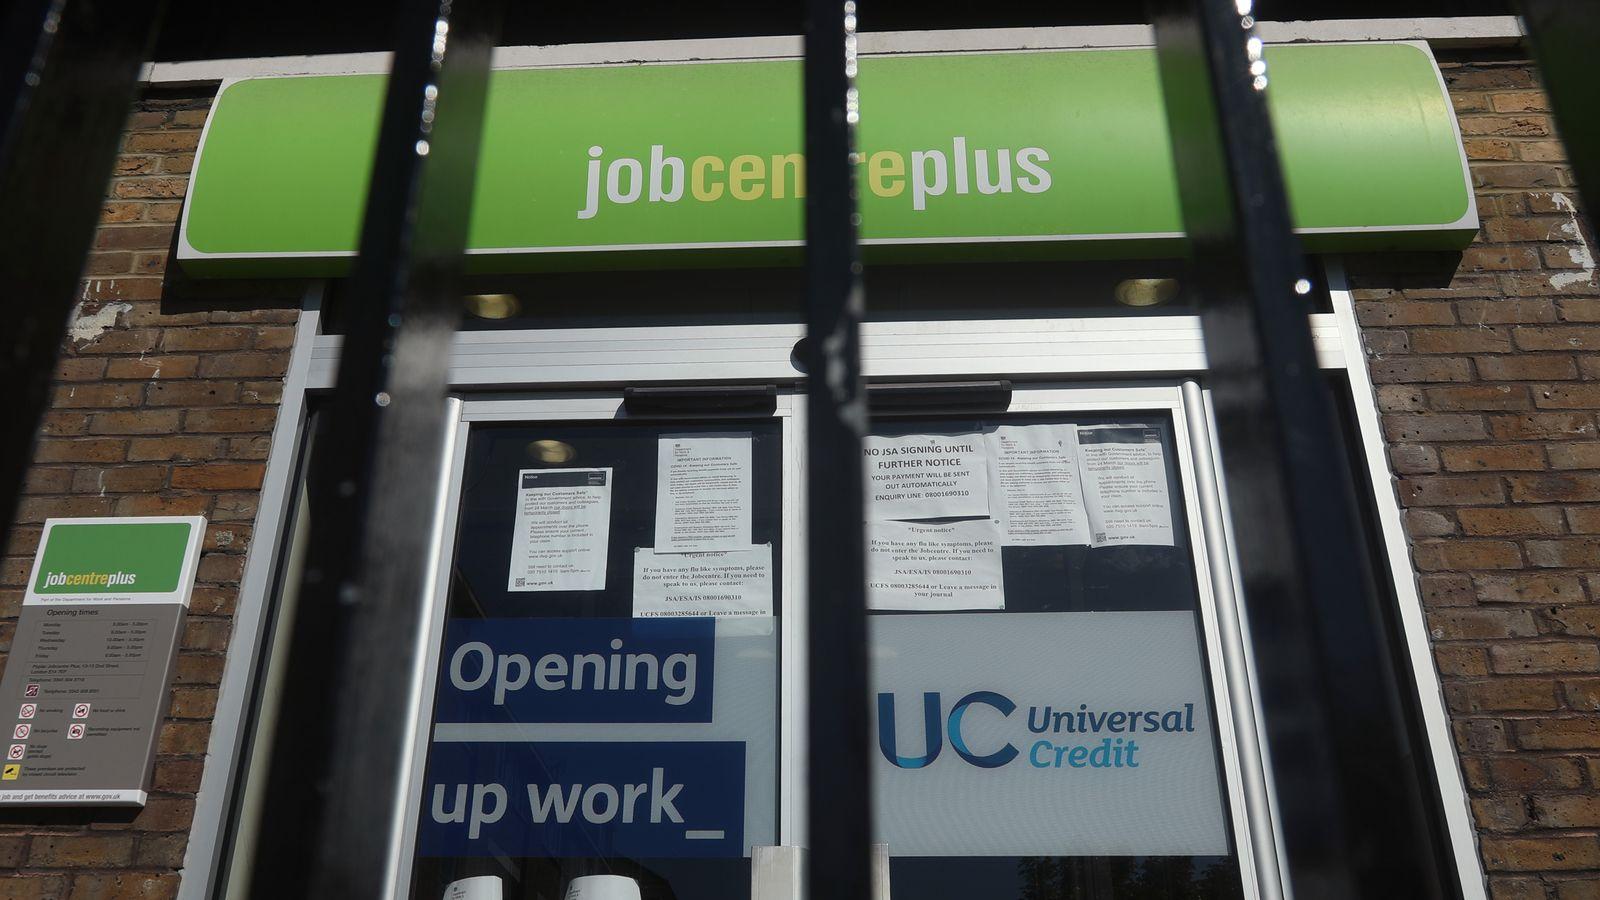 英国失业率继续攀升裁员数达到创纪录水平